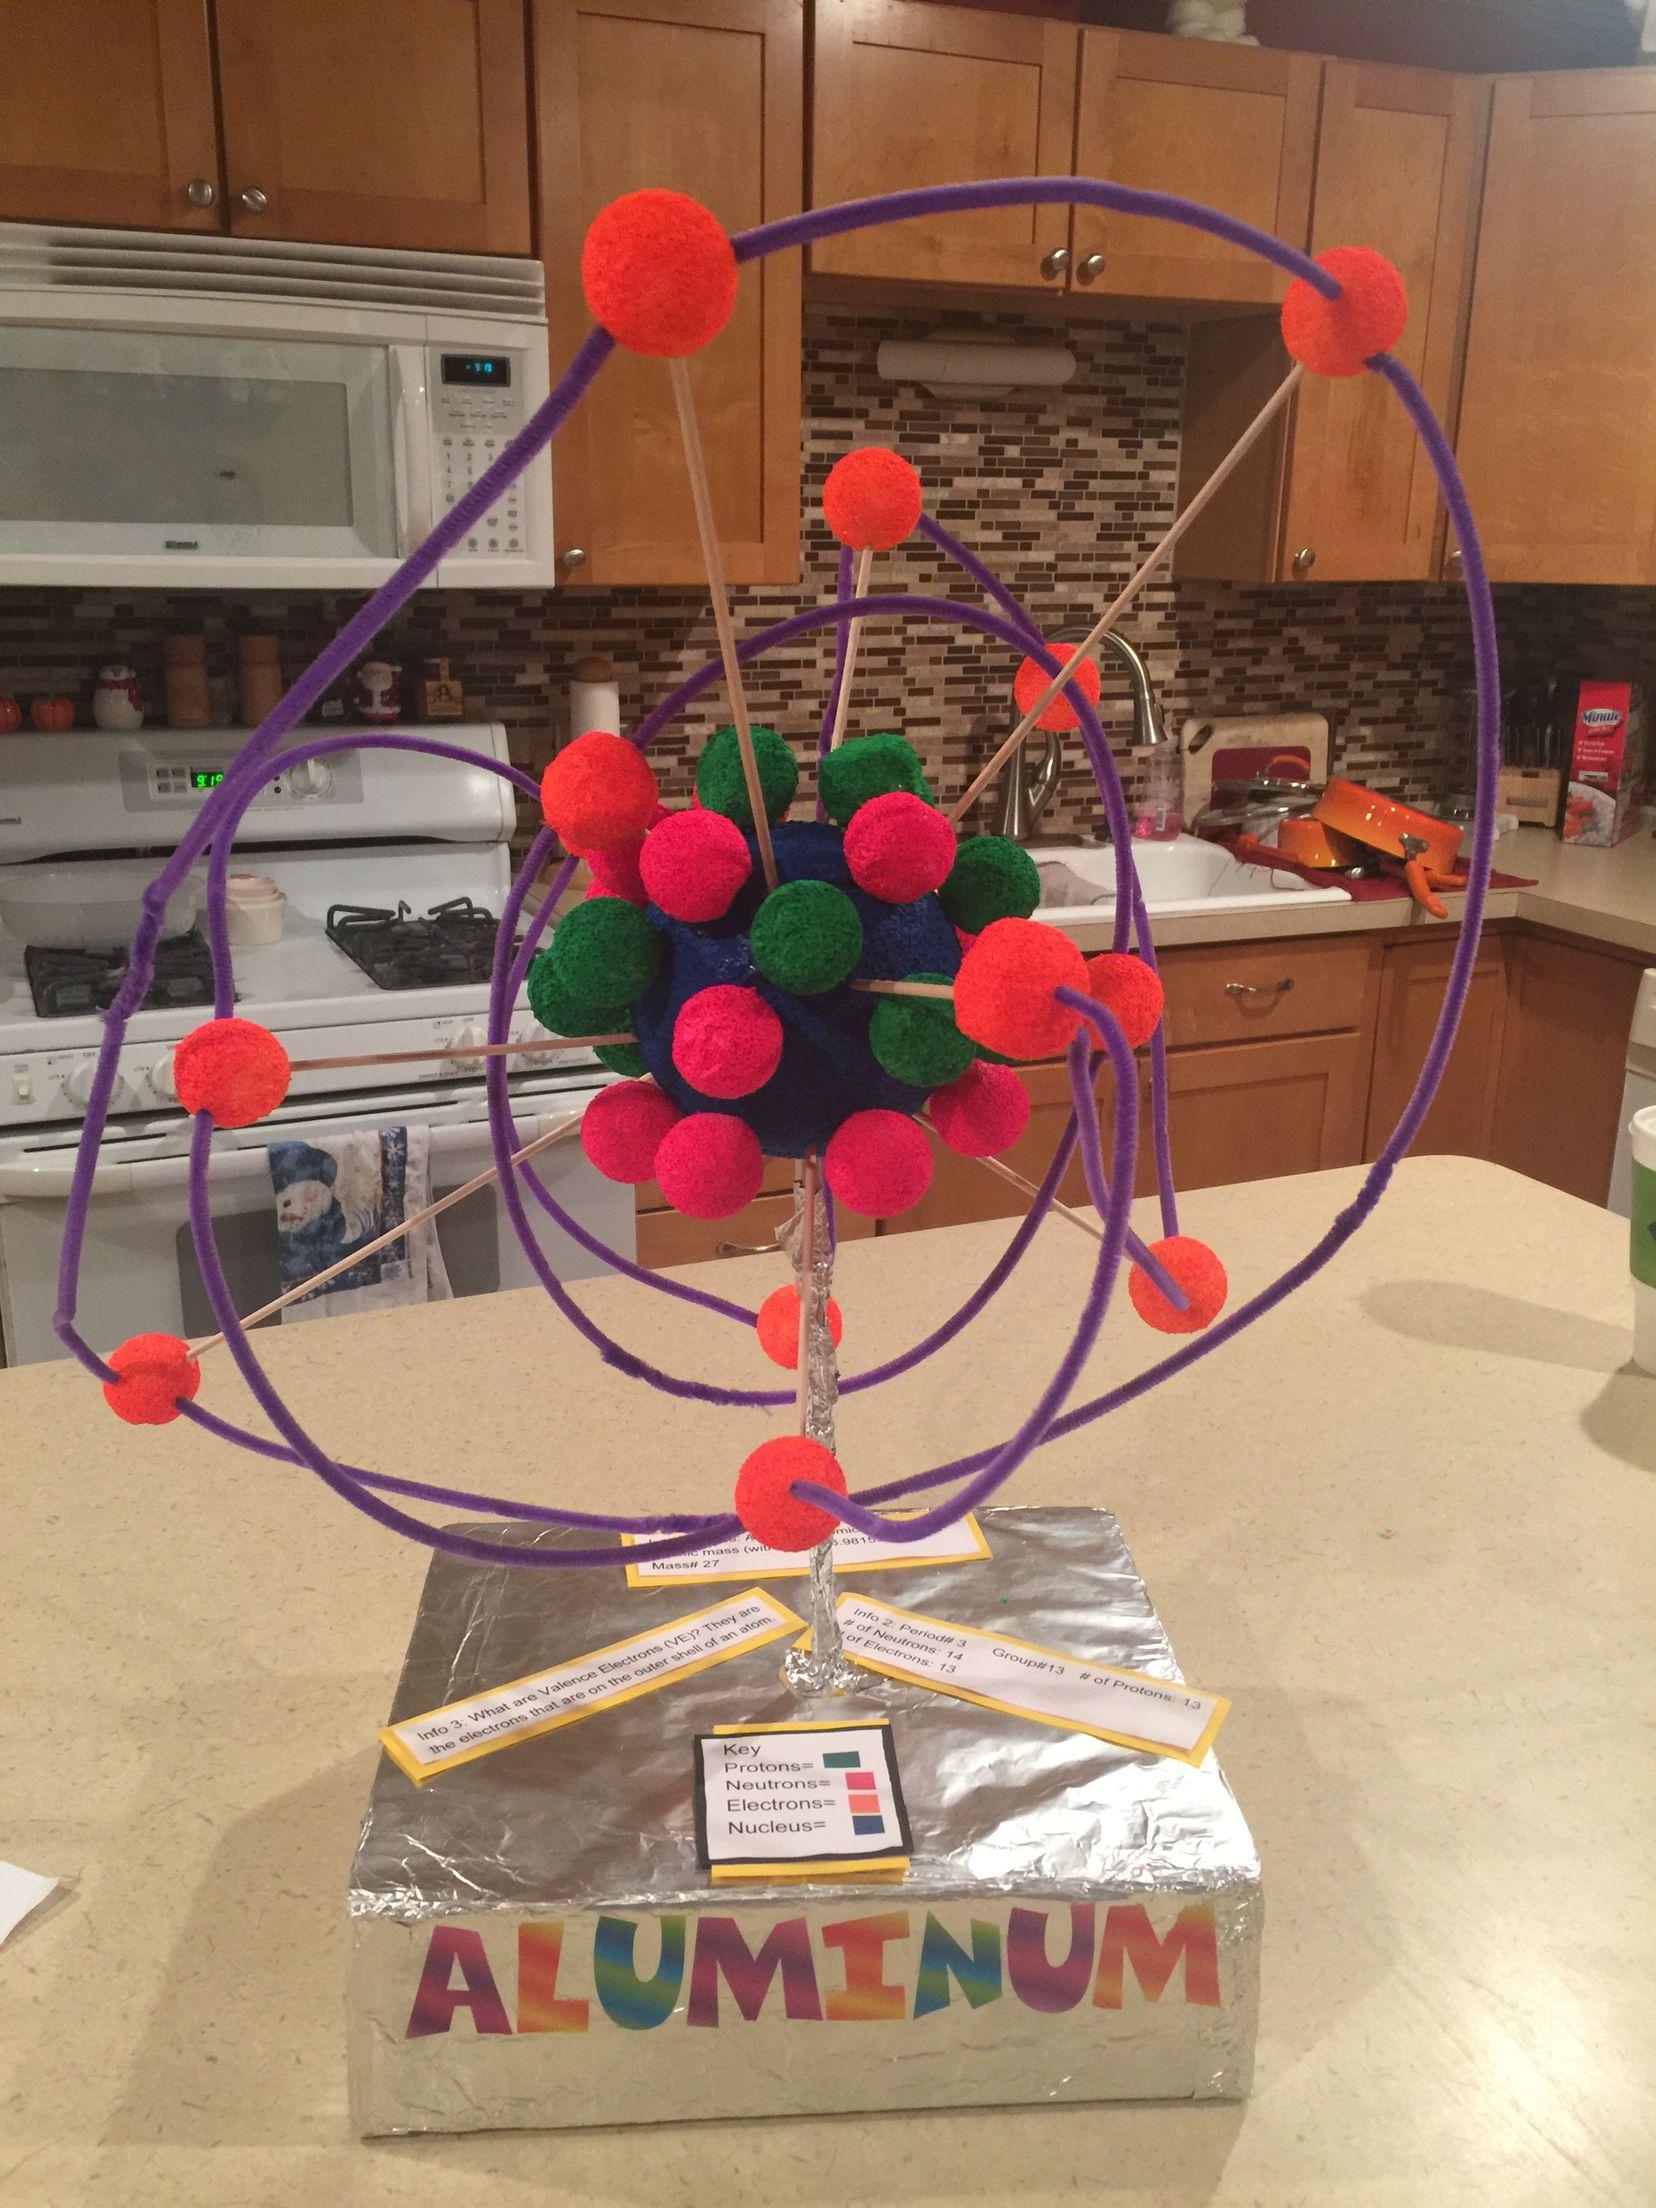 Aluminum Element Project Science Project Pinterest